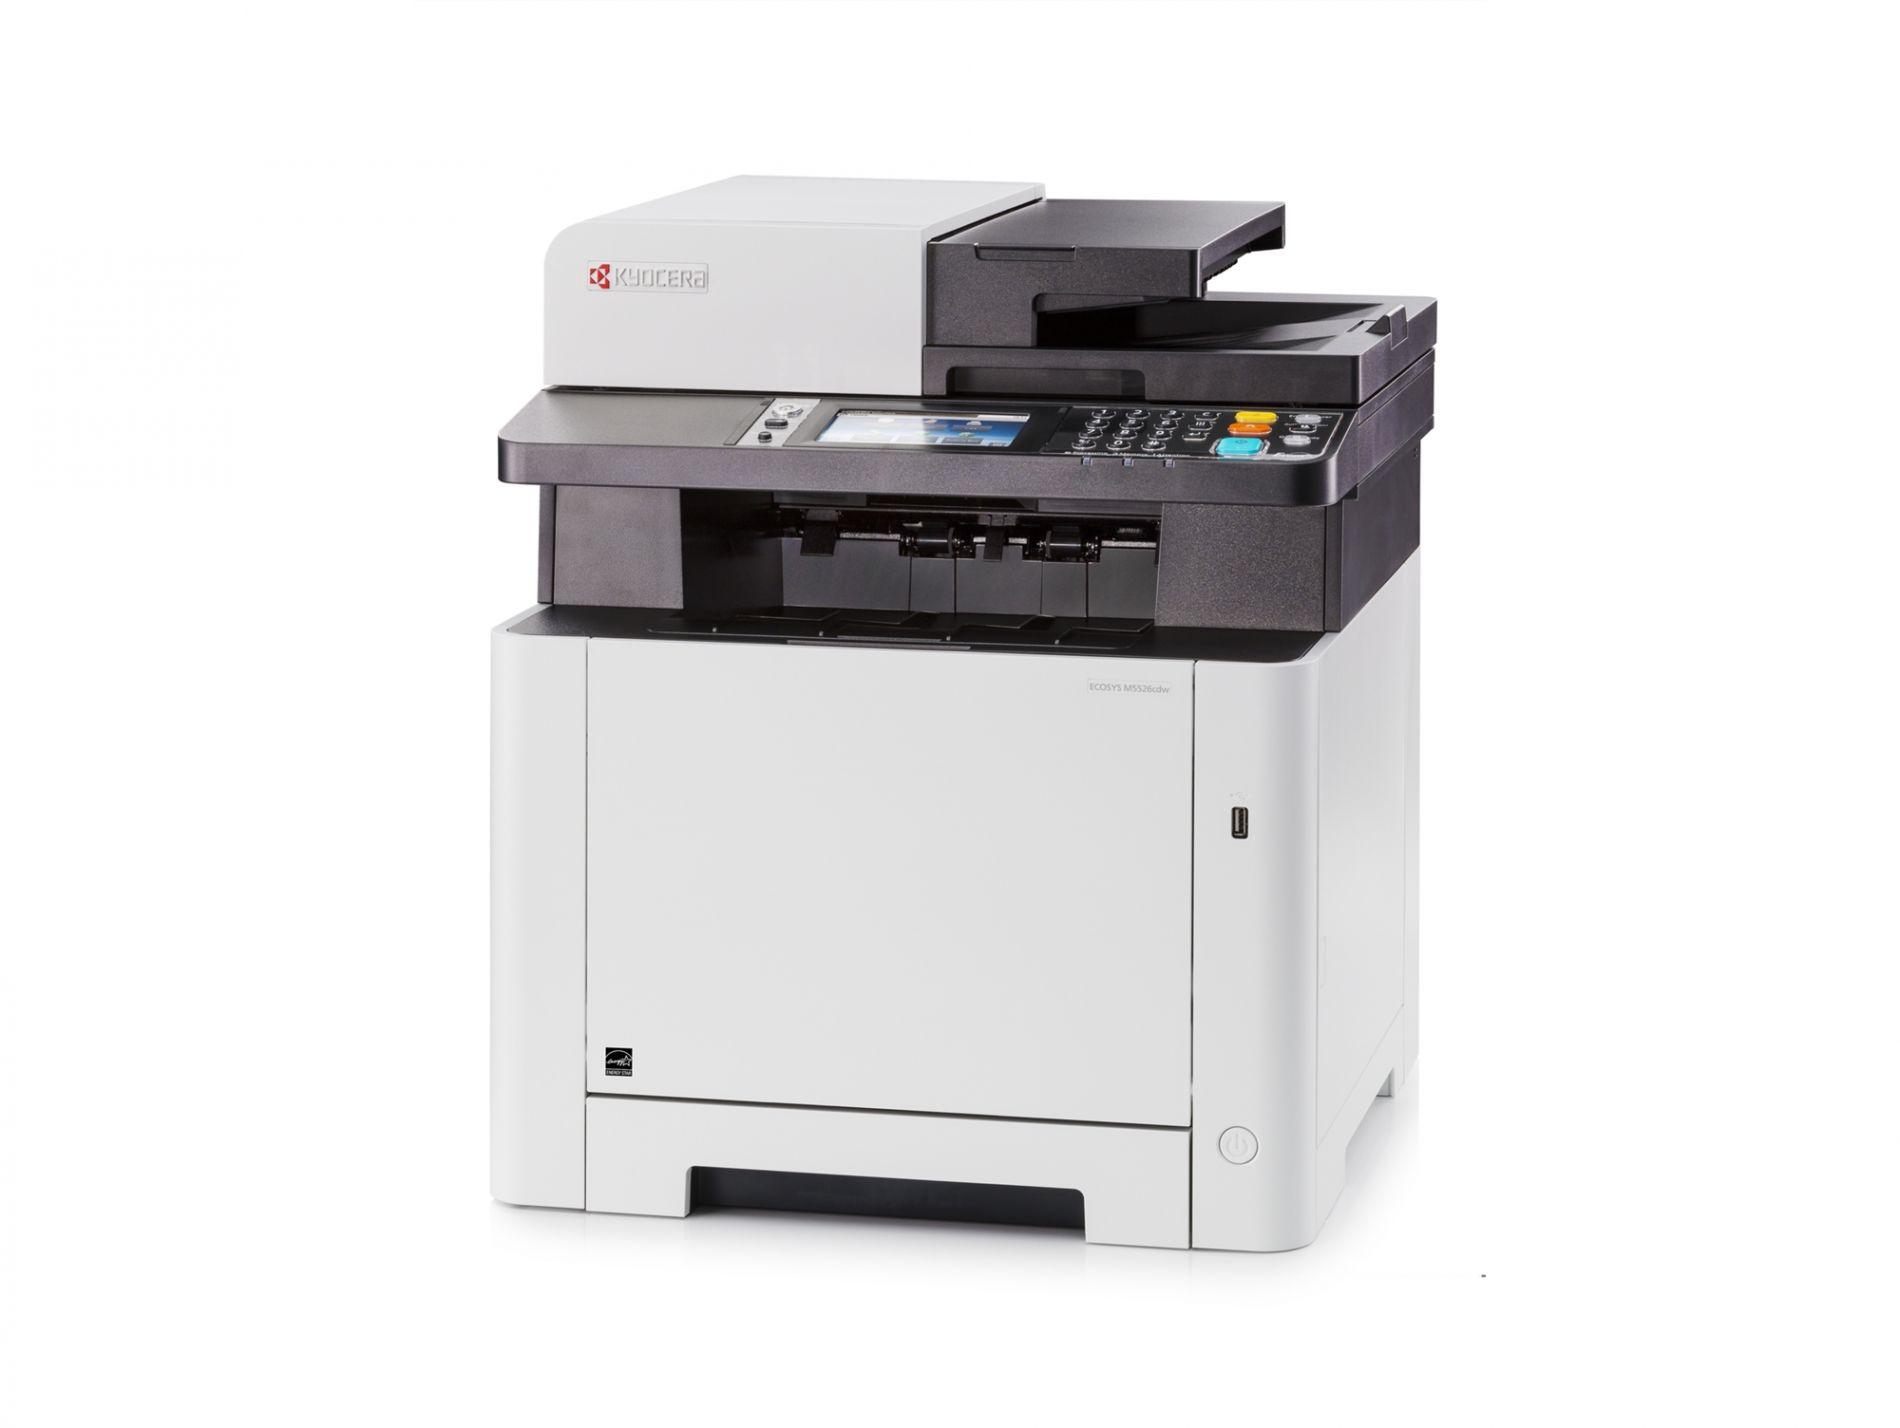 impresora-kyocera-ecosys-m5526-cdw26-ppm-en-a4-color-y-b-n-417-x-429-x-495-mm